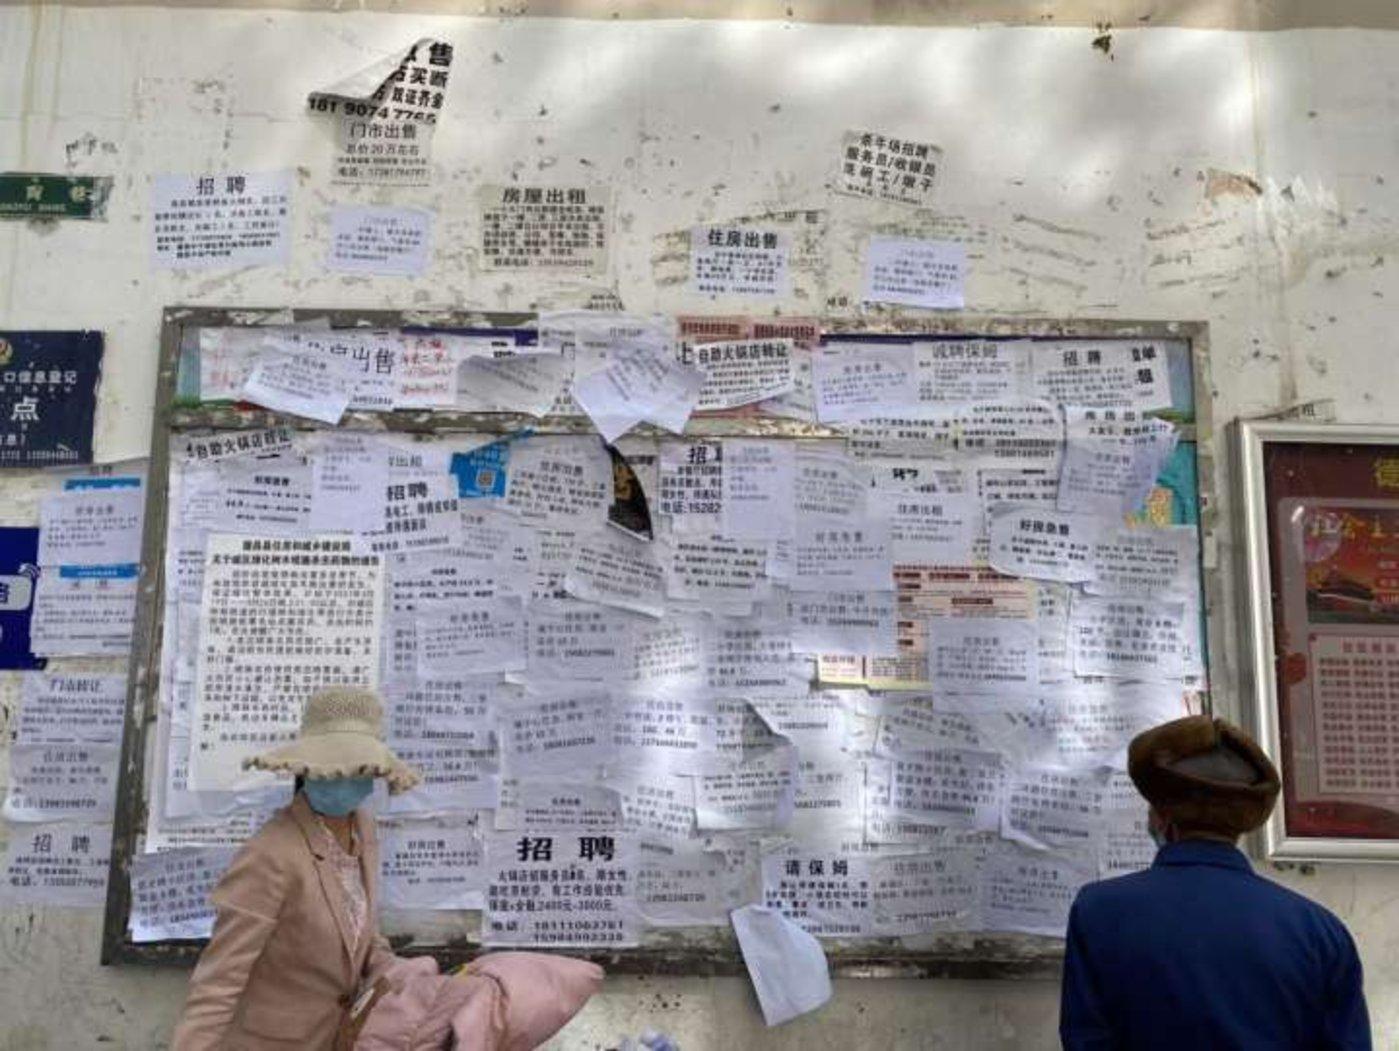 德昌县第一完全小学门口的小巷